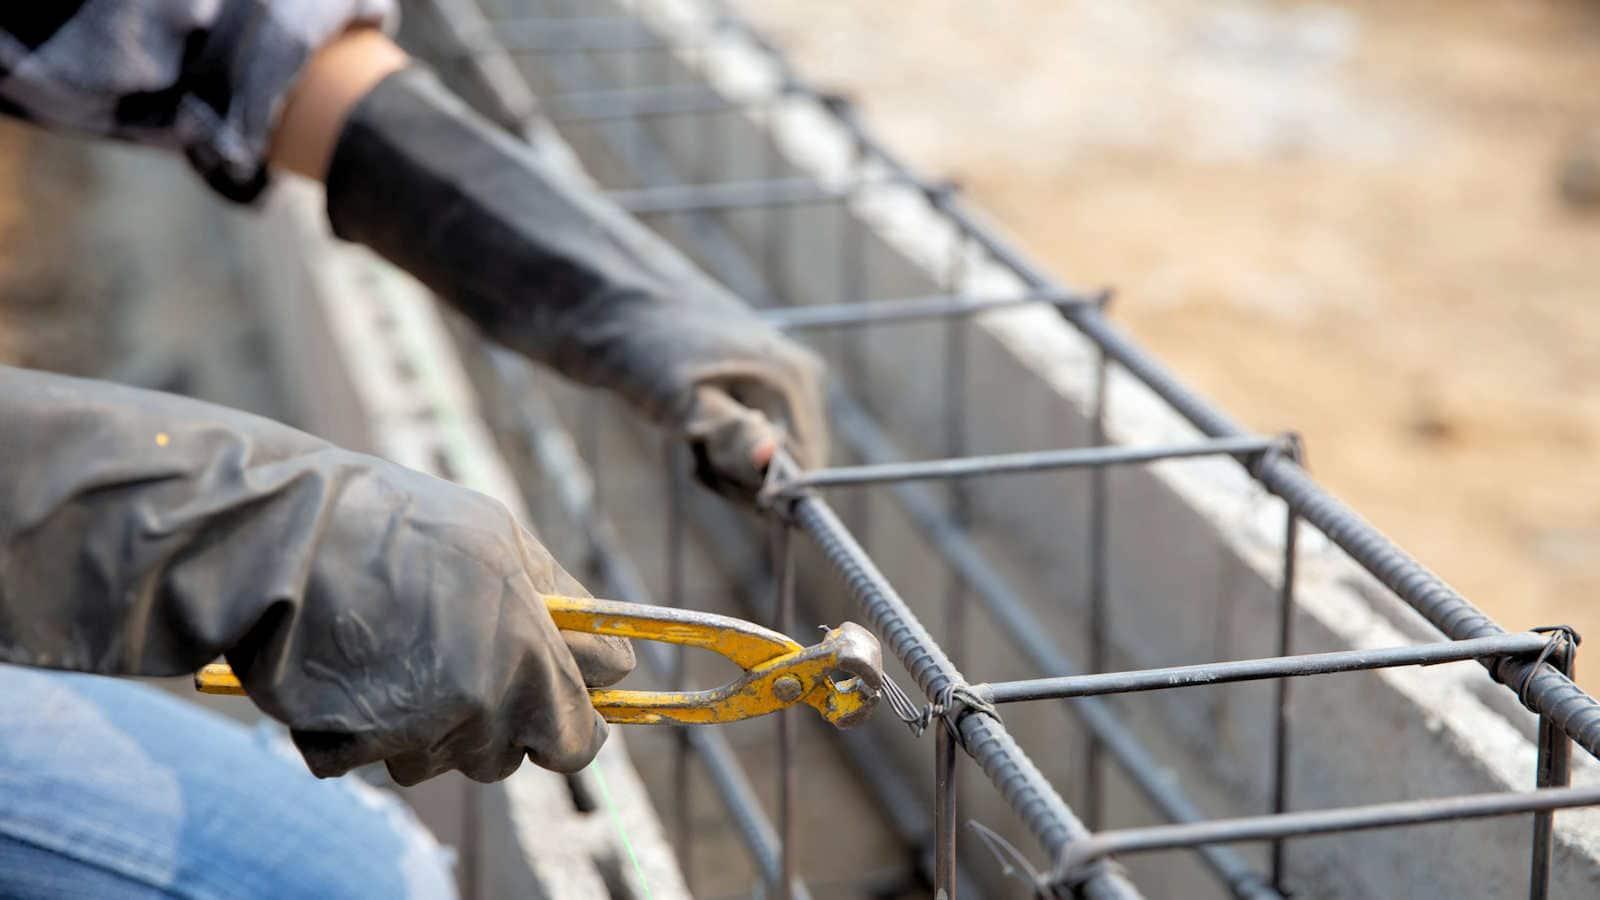 Dohn Construction in Denver